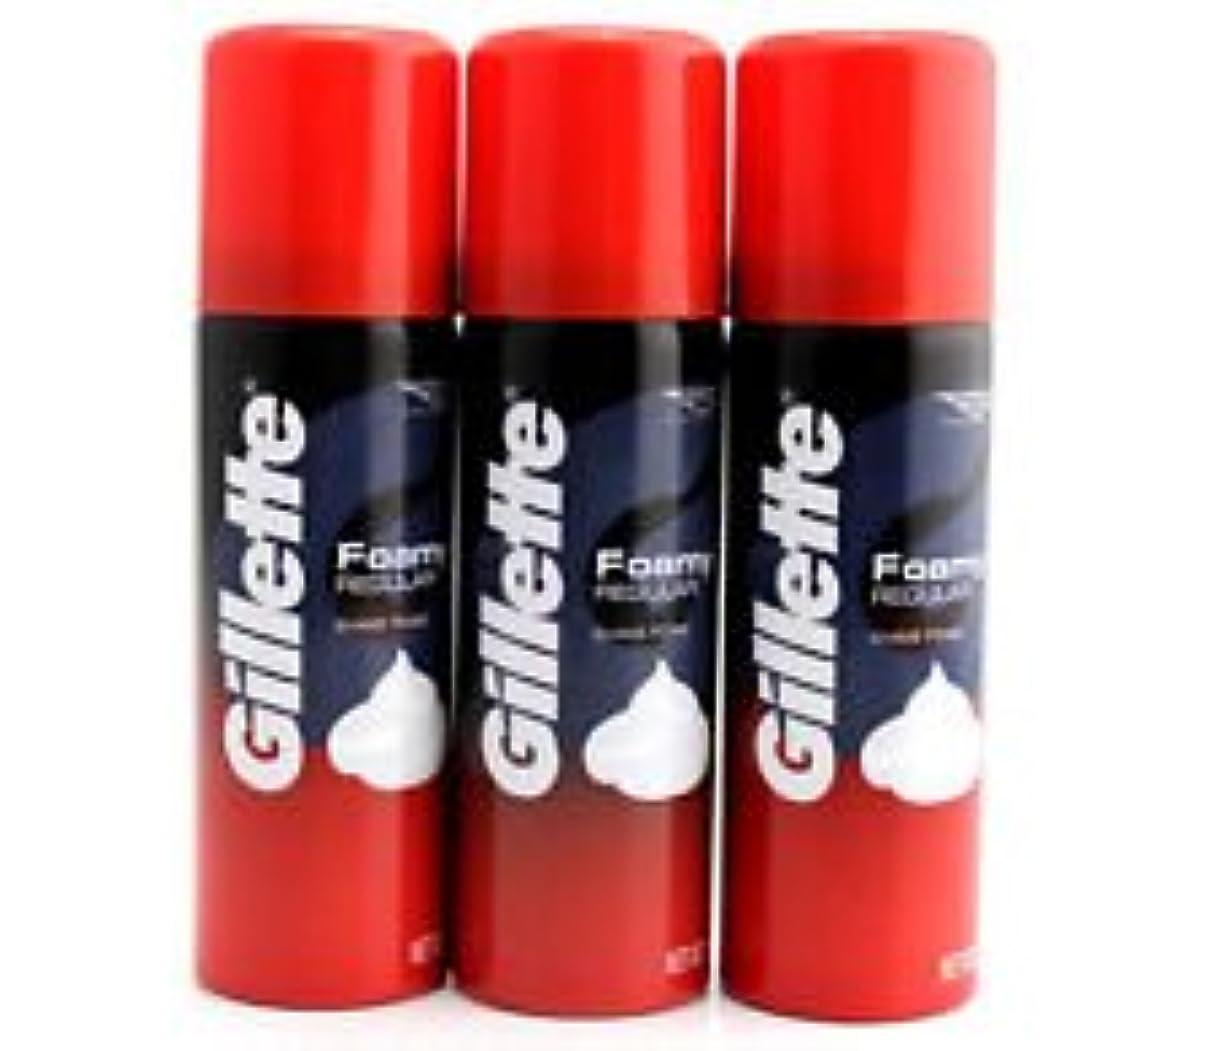 破壊する乏しいカラスGillette Foam Regular 50 G travel pack (pack of 3)